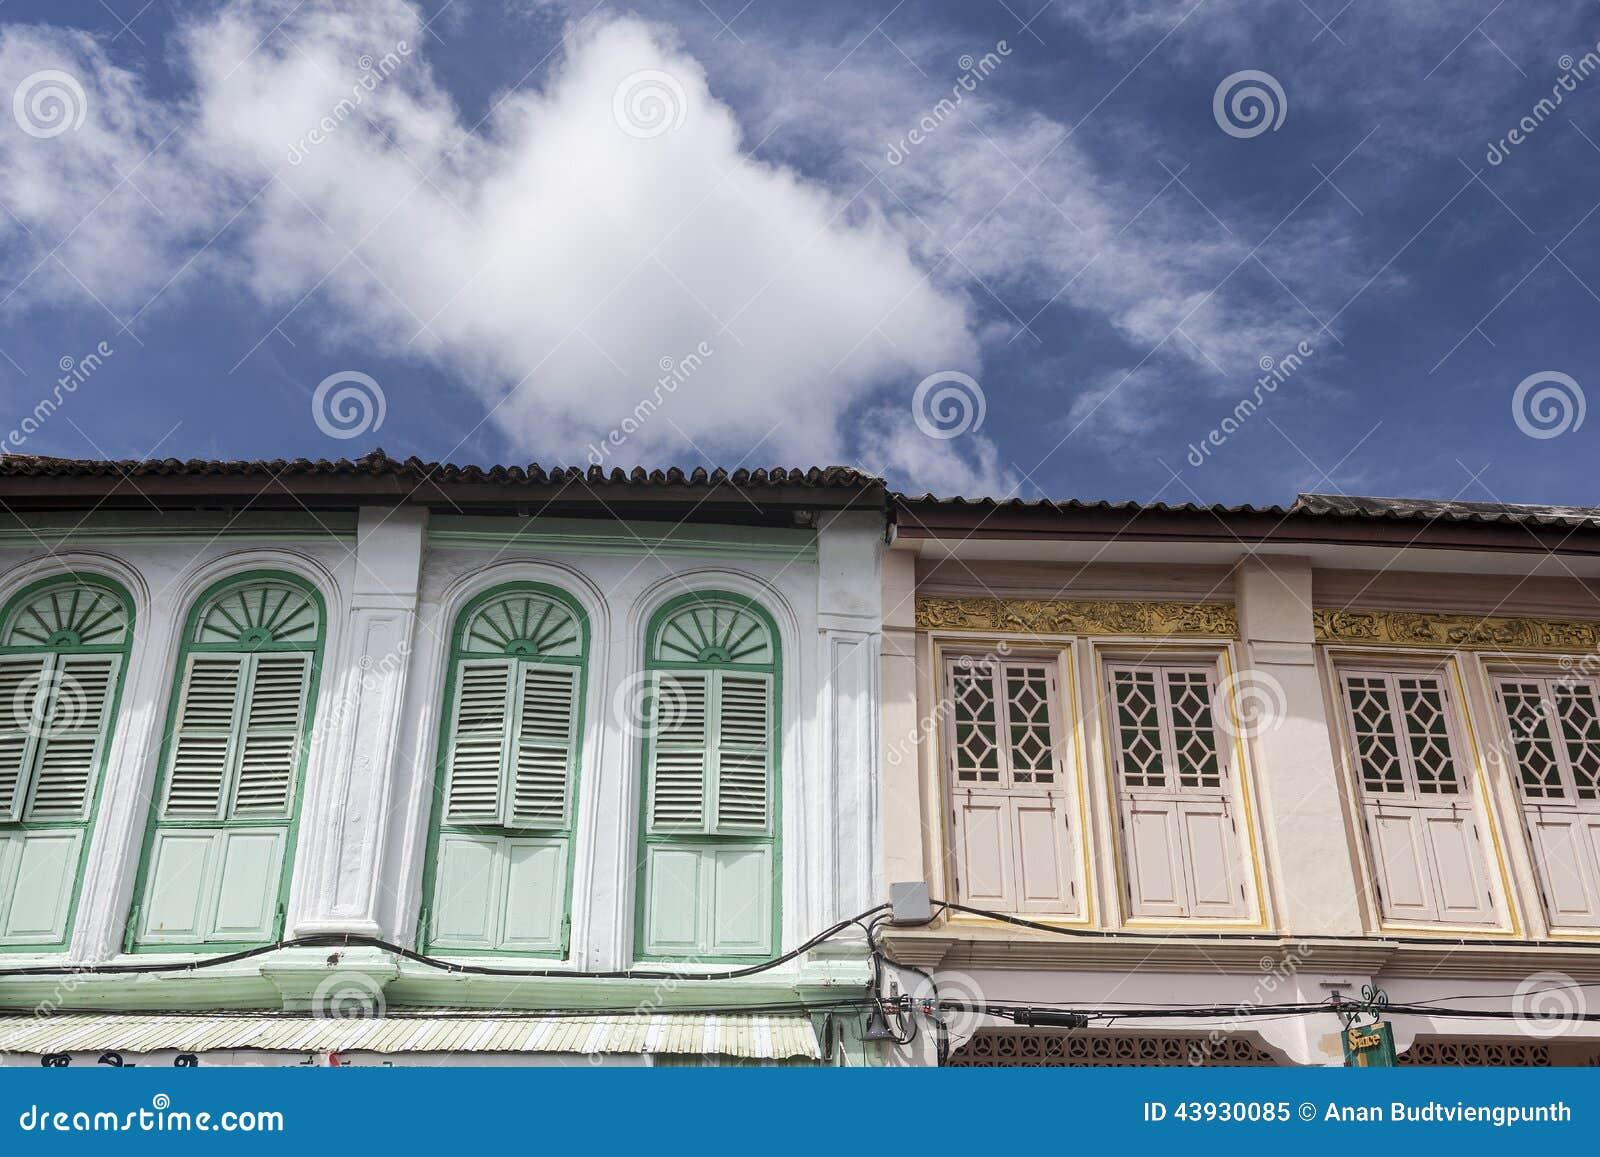 Chinesisch-portugiesische Architektur Beeinflußte Gebäude In Phuket ...